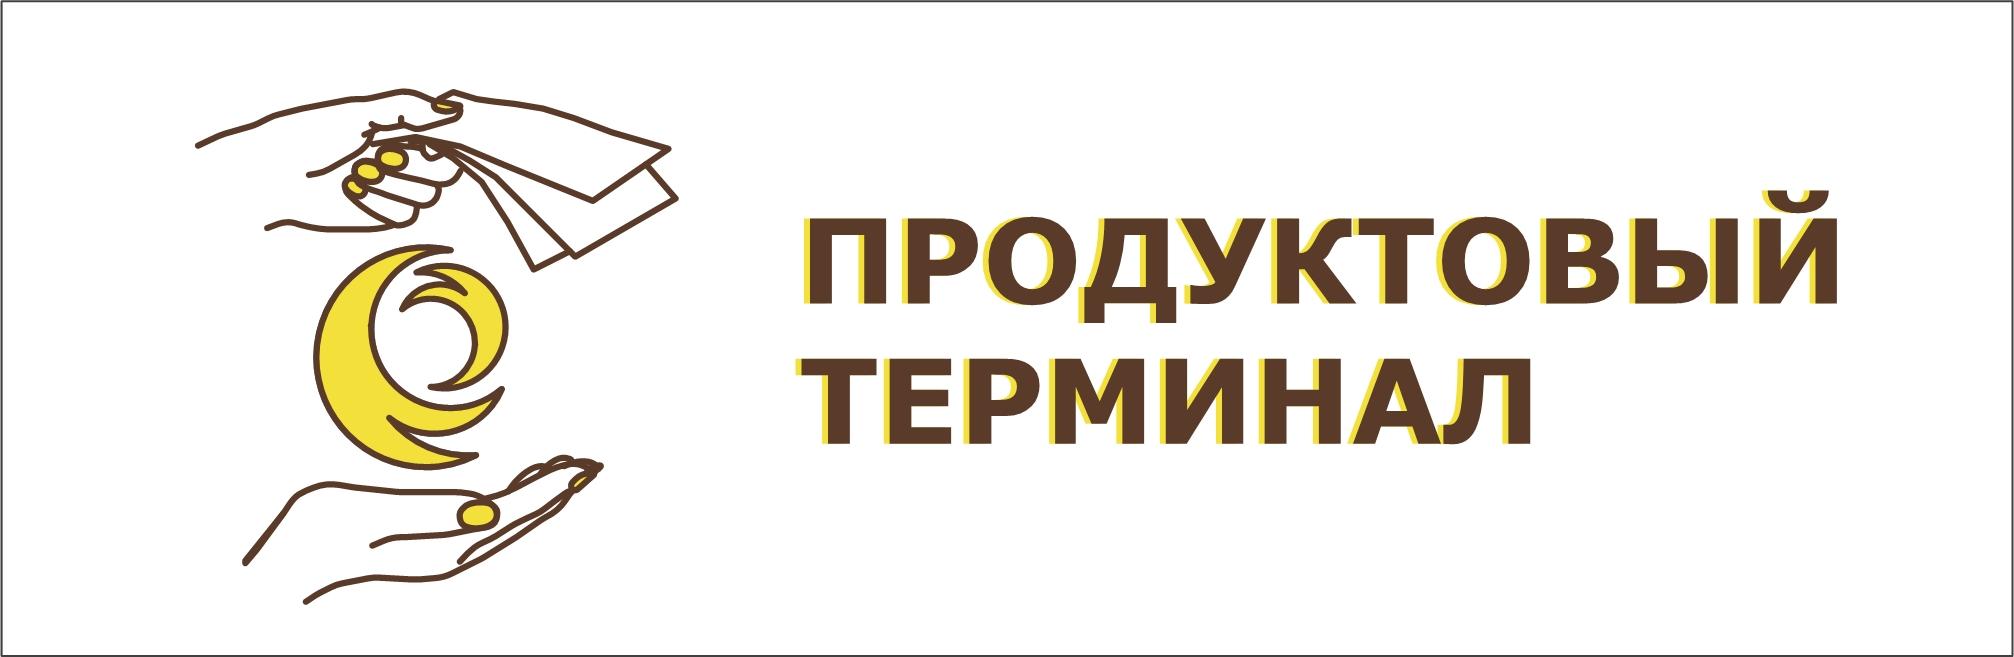 Логотип для сети продуктовых магазинов фото f_58156fa77e668cf3.jpg